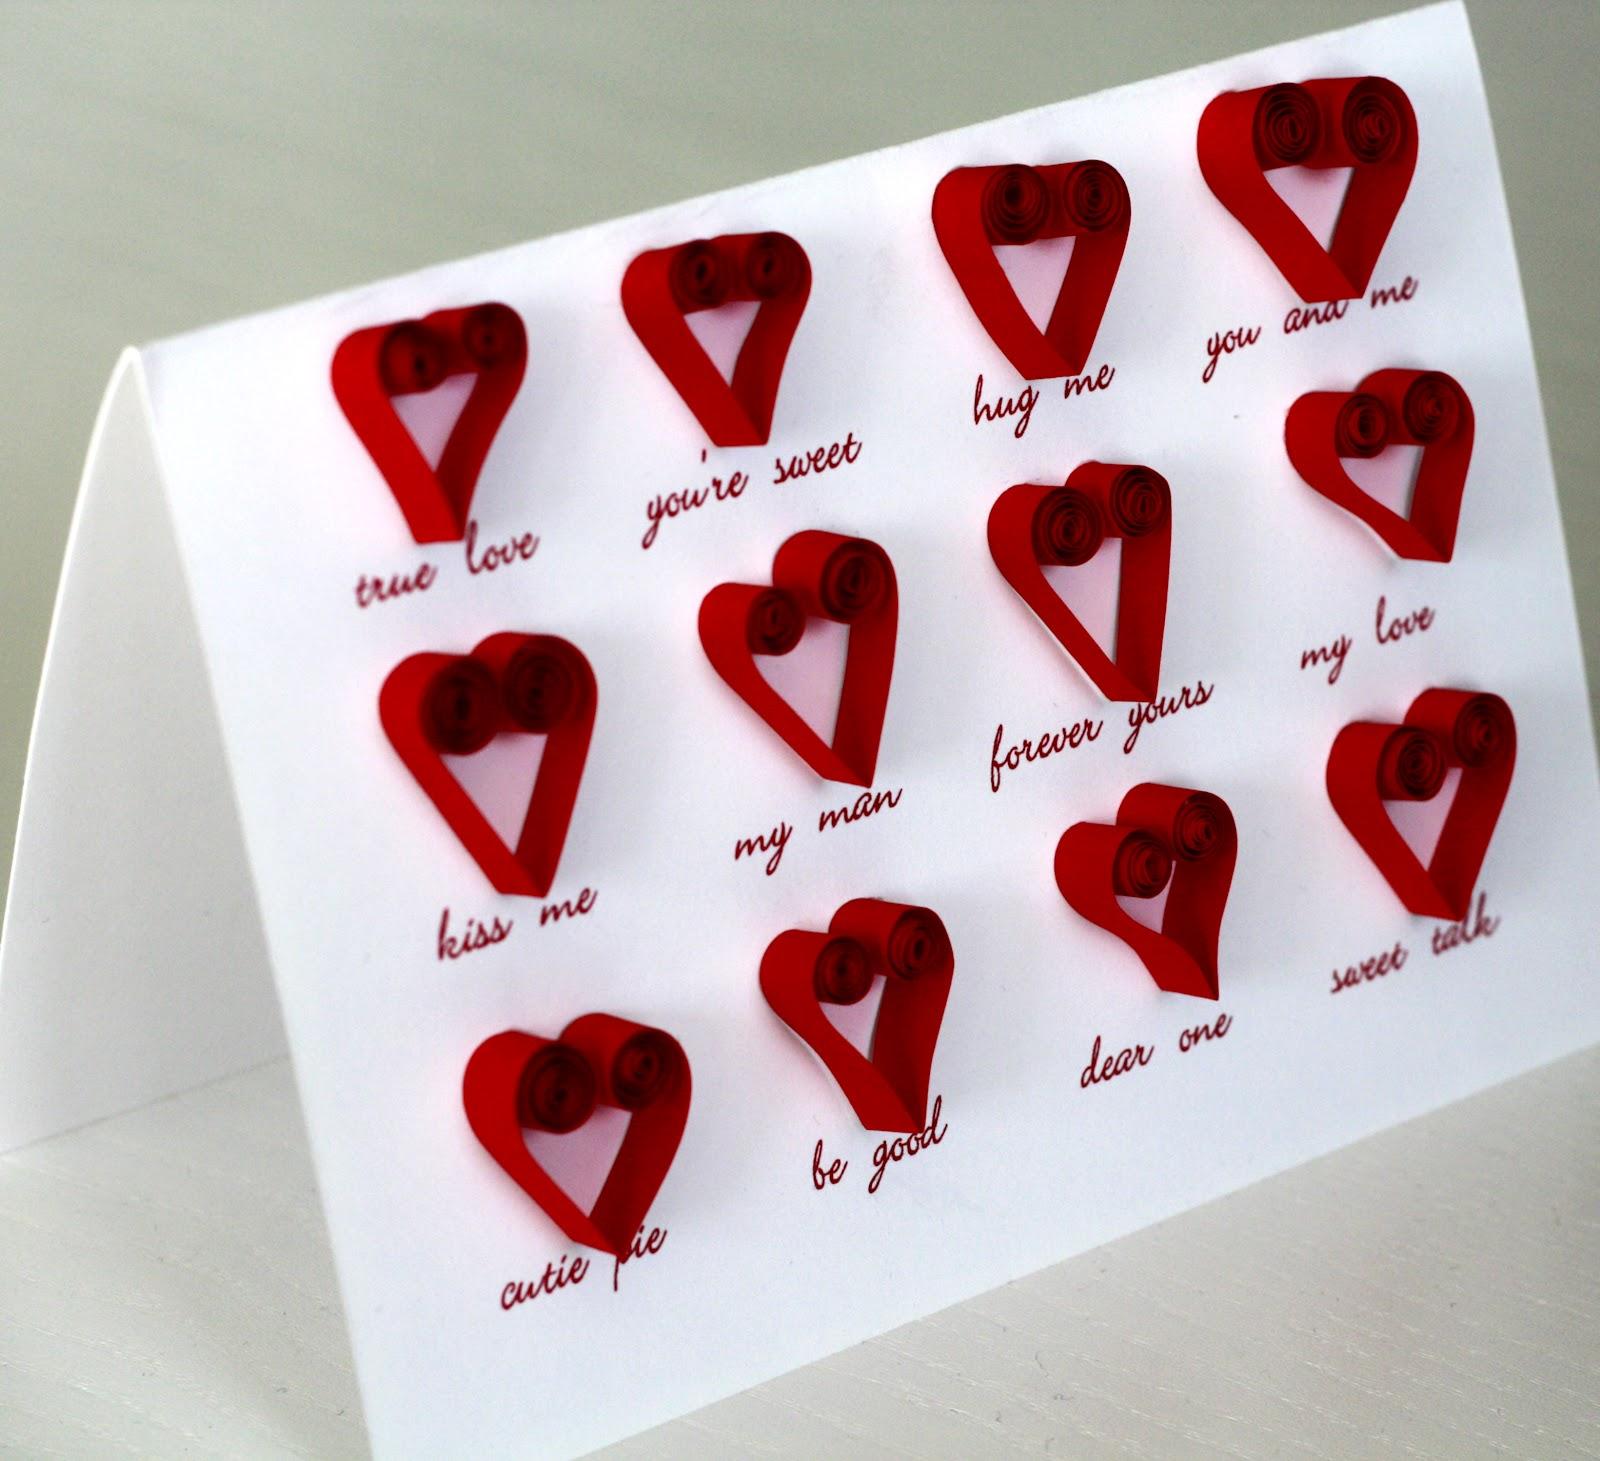 Siebenbergen: By my Valentine!